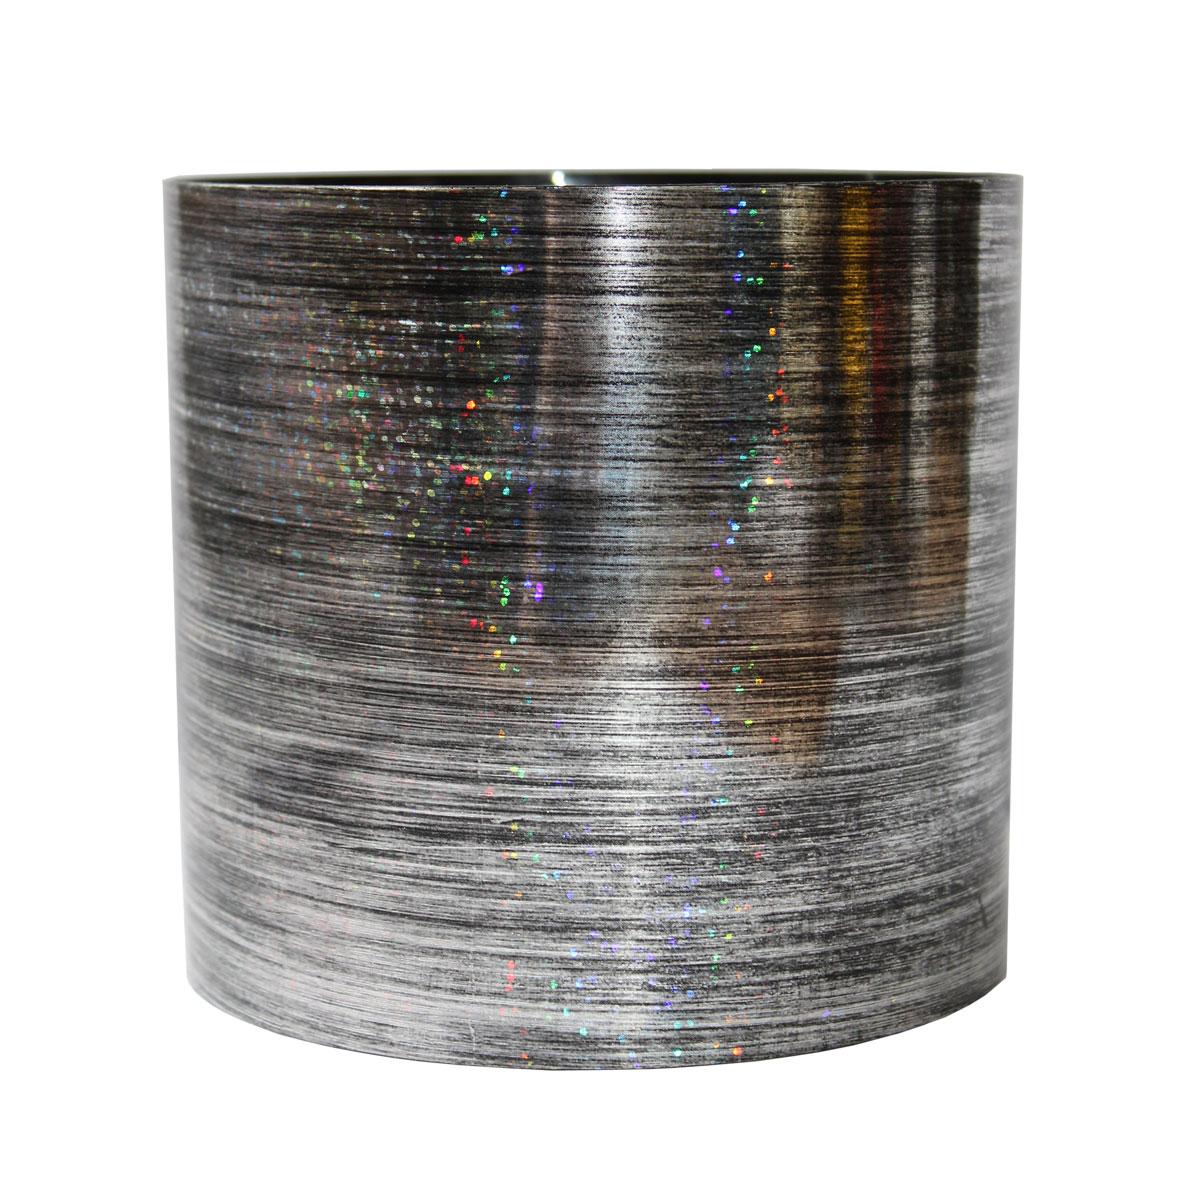 Горшок для цветов Miolla Серебро, со скрытым поддоном, 1,7 л531-402Горшок для цветов Miolla Серебро со скрытым поддоном выполнен из пластика.Диаметр горшка: 13,5 см.Высота горшка (с учетом поддона): 13,5 см.Объем горшка: 1,7 л.